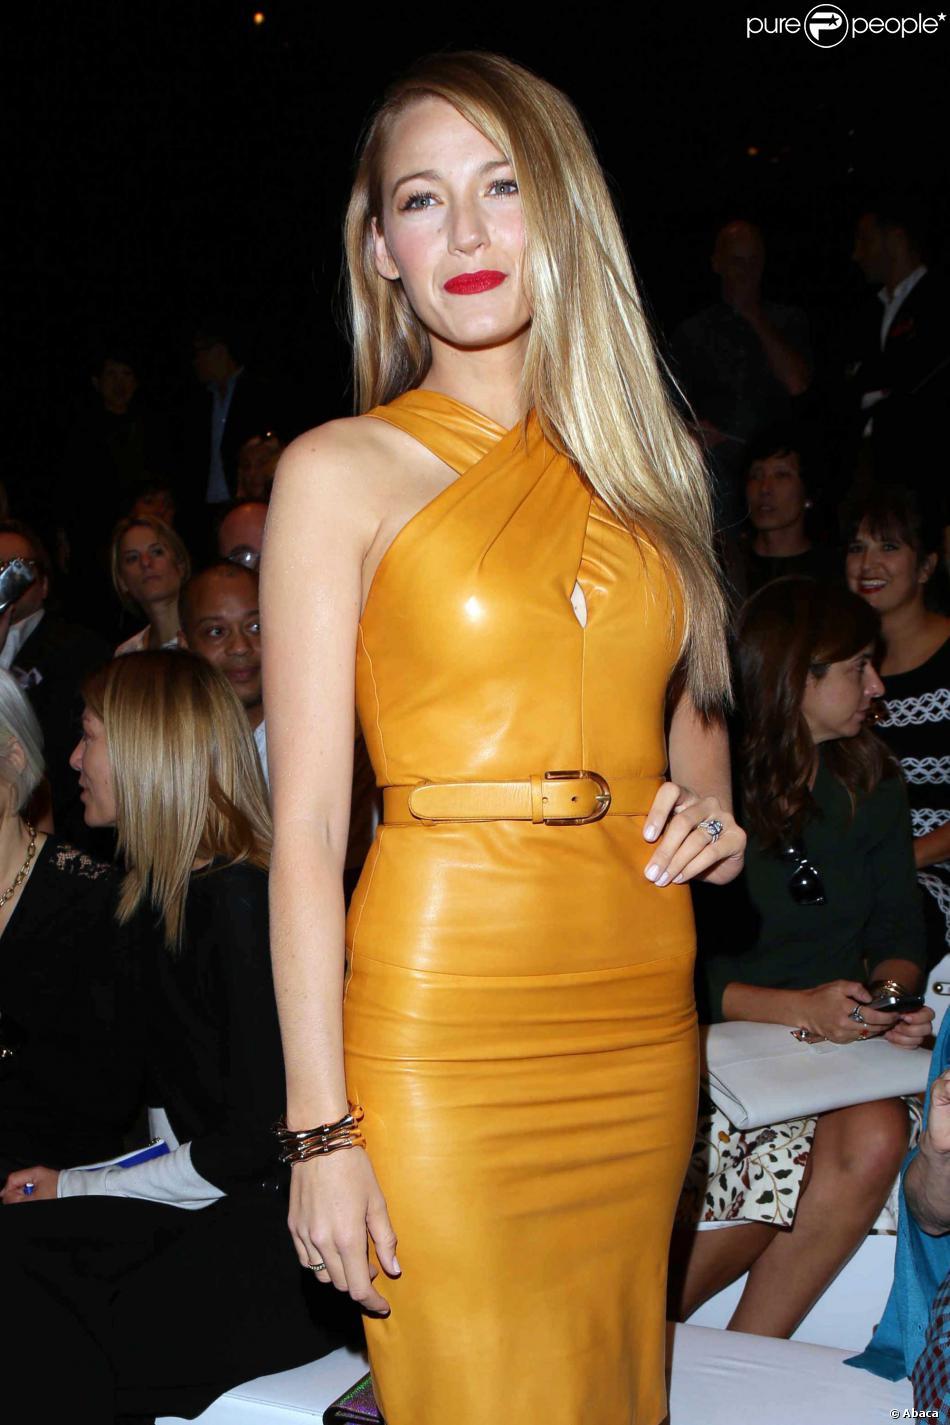 La charmante comédienne Blake Lively a fait sensation au premier rang du défilé Gucci à Milan le 18 septembre 2013